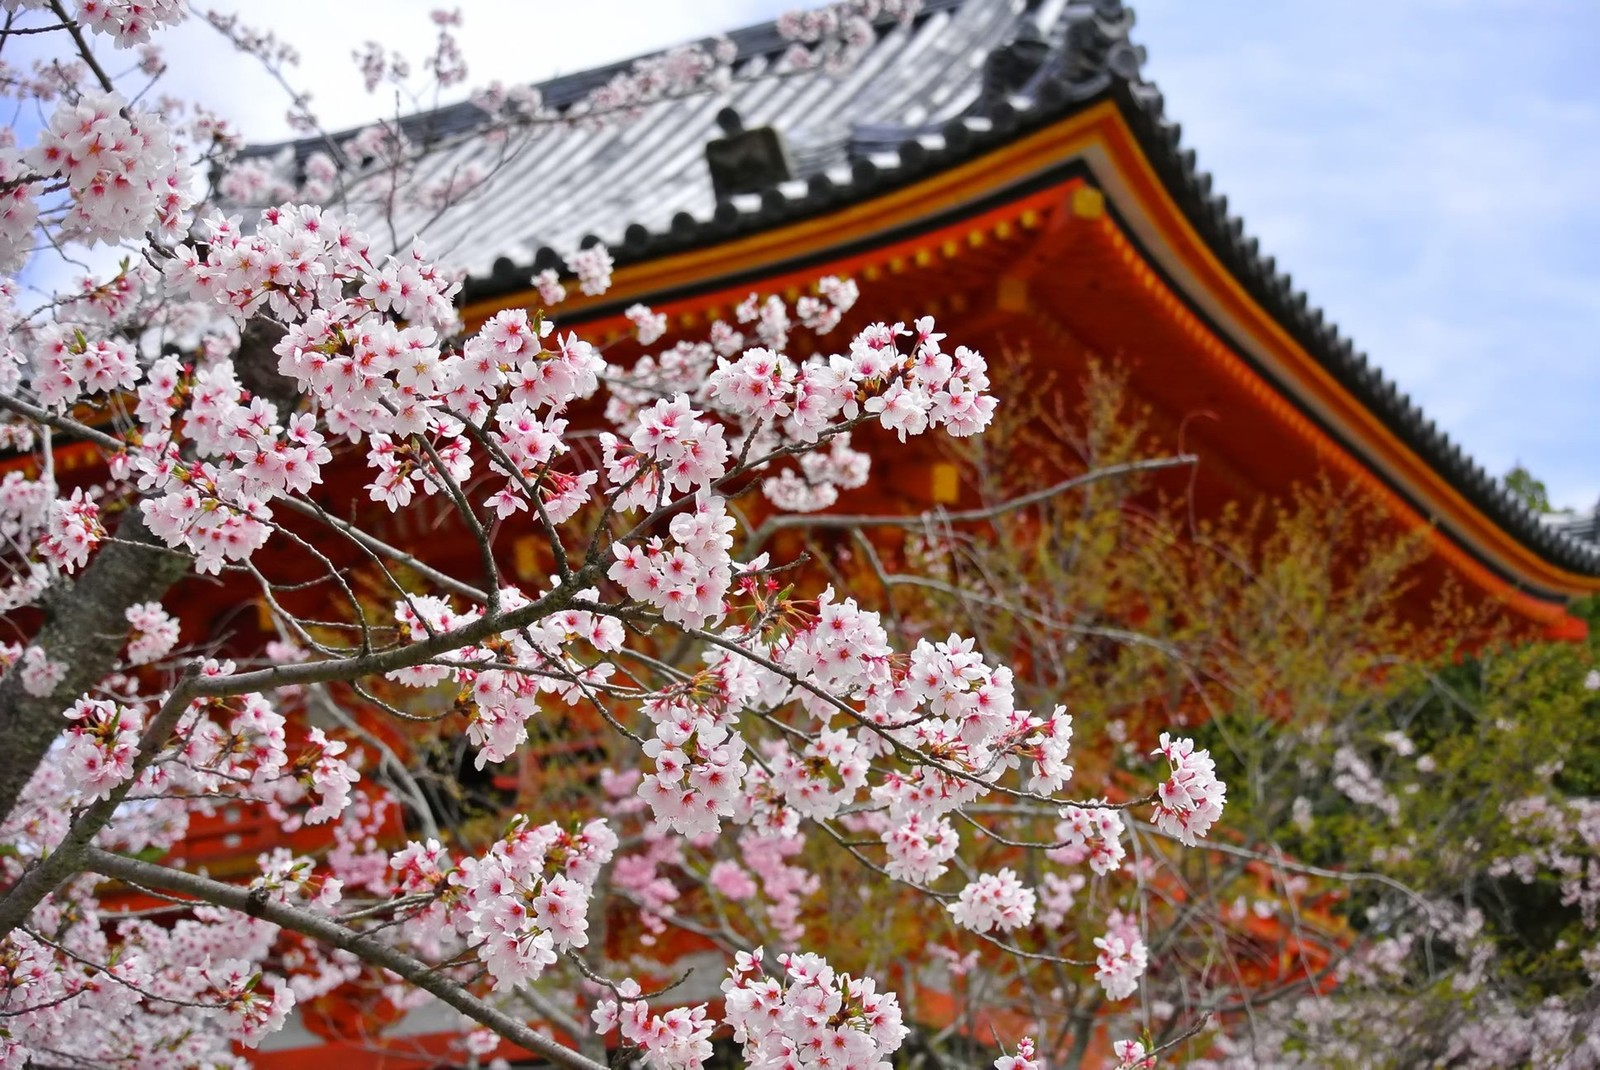 六波羅蜜寺は京都のパワースポットとして有名!見どころや御朱印も紹介